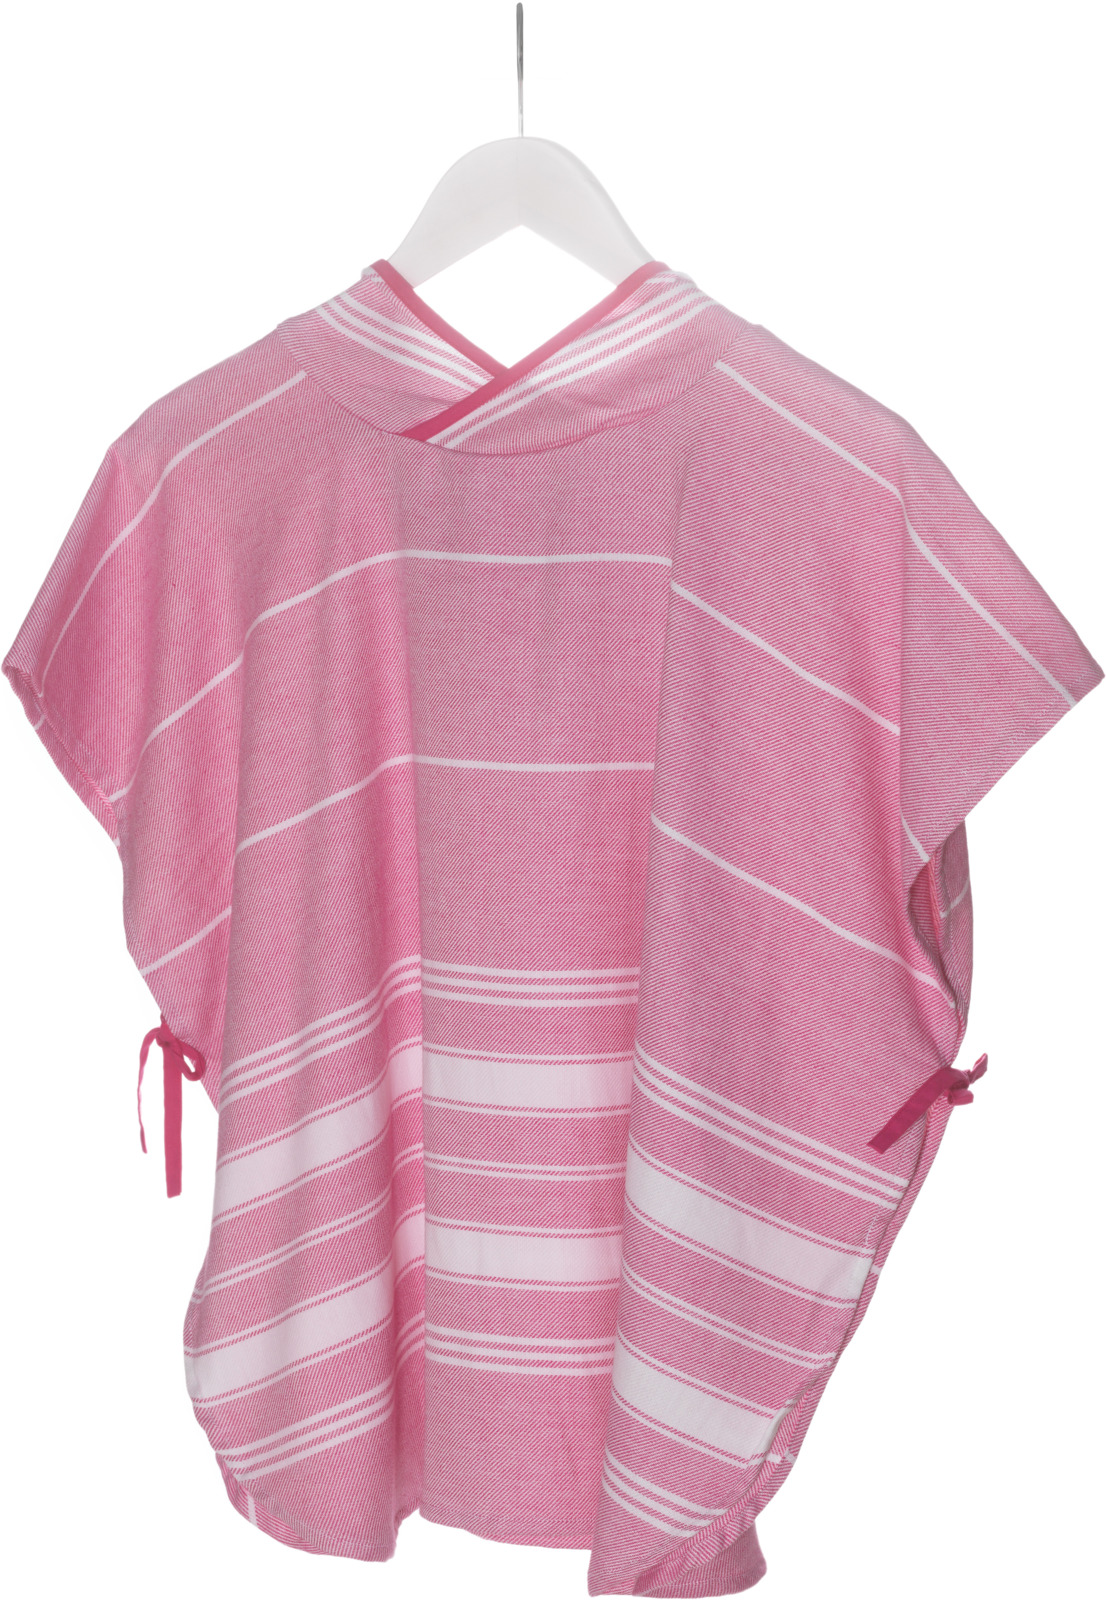 Полотенце детское KipKep Blenker Poncho, 290, с капюшоном, розовый, 68 х 55 см пончо olaian детское пляжное пончо sweet рост 125–150 см